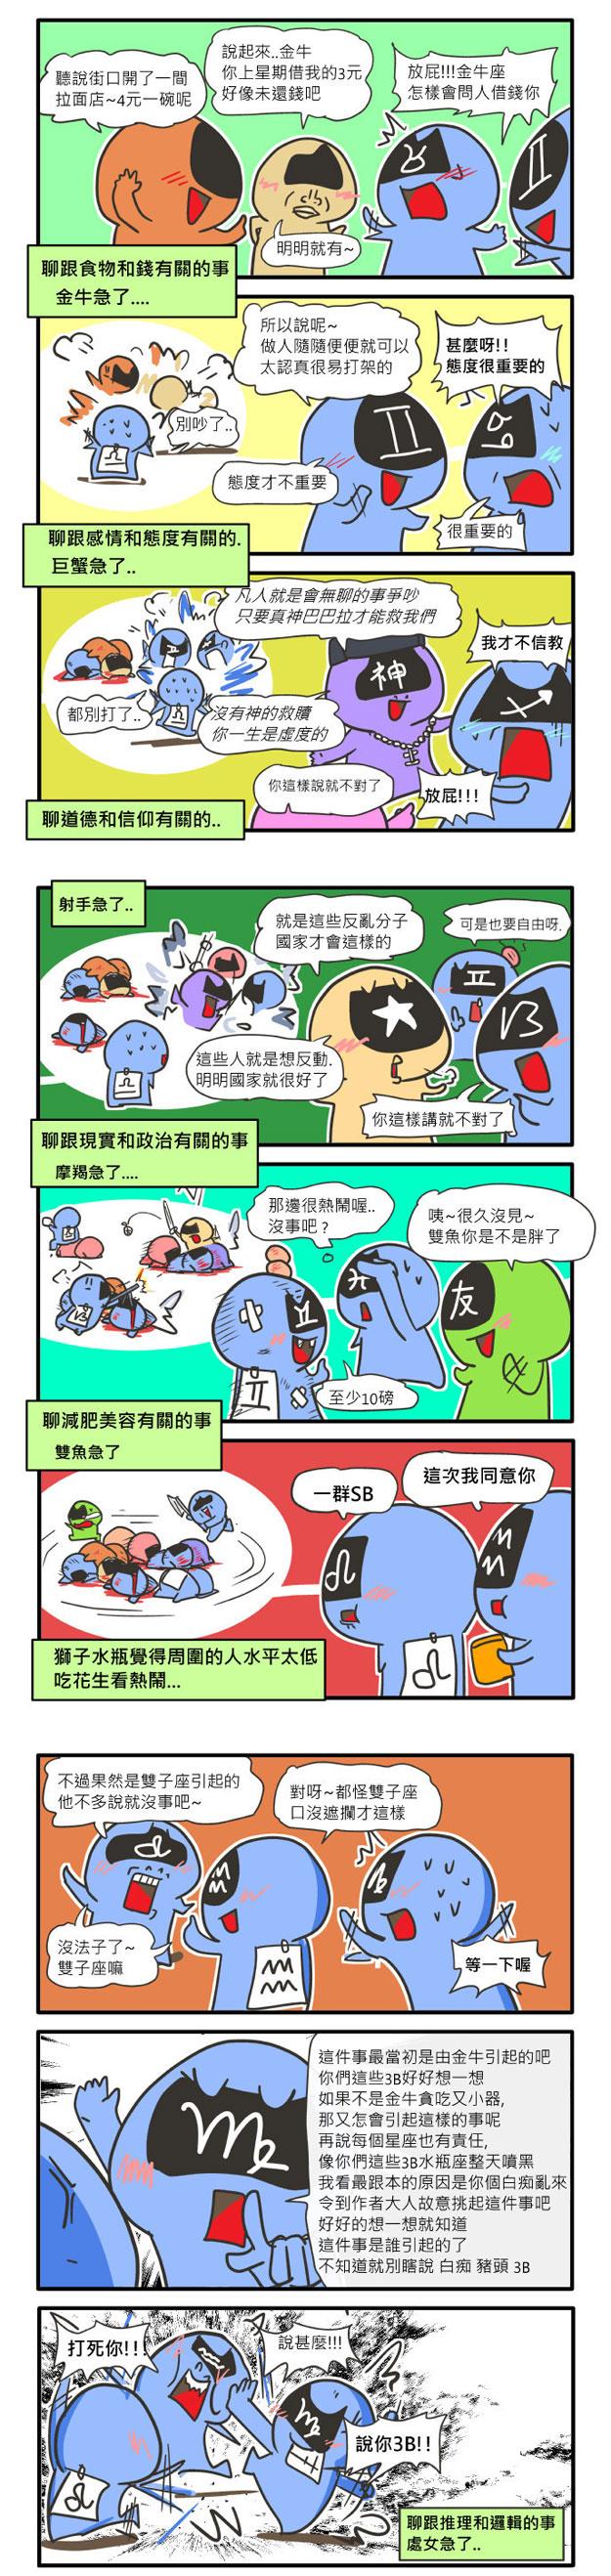 漫画/漫画:12星座为什么会打架?